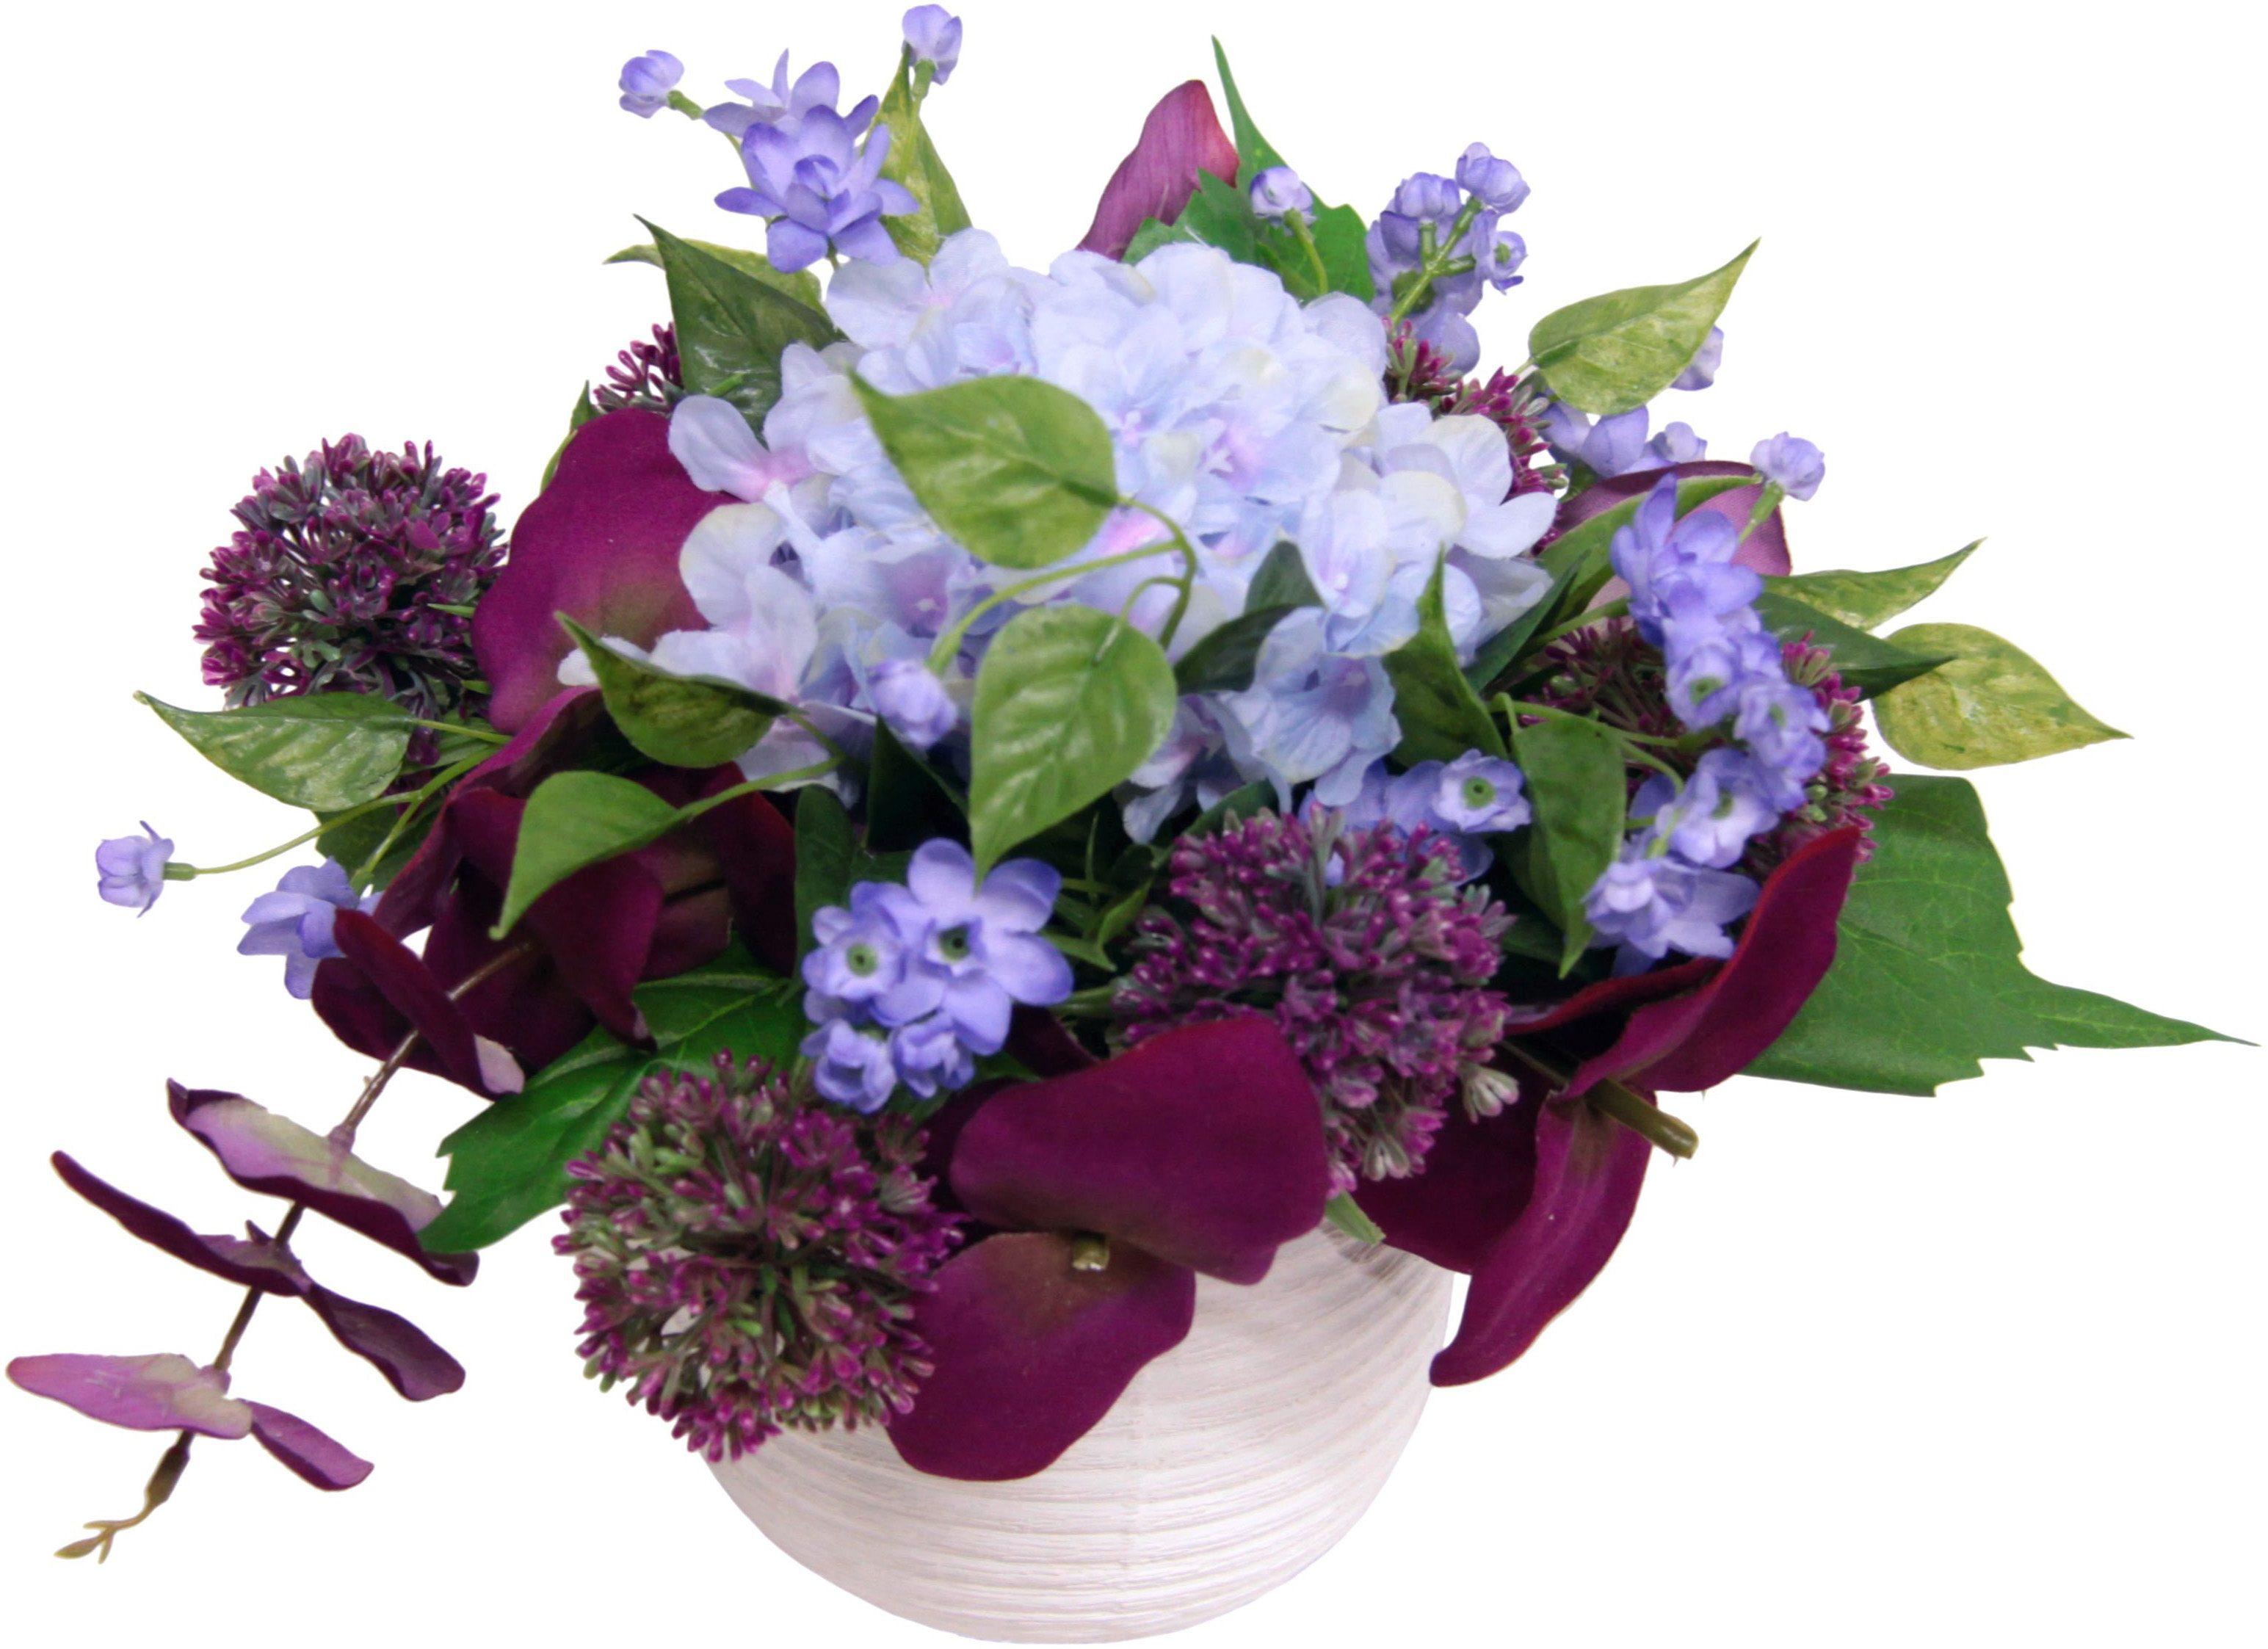 Home affaire Kunstblume »Hortensie/Allium«